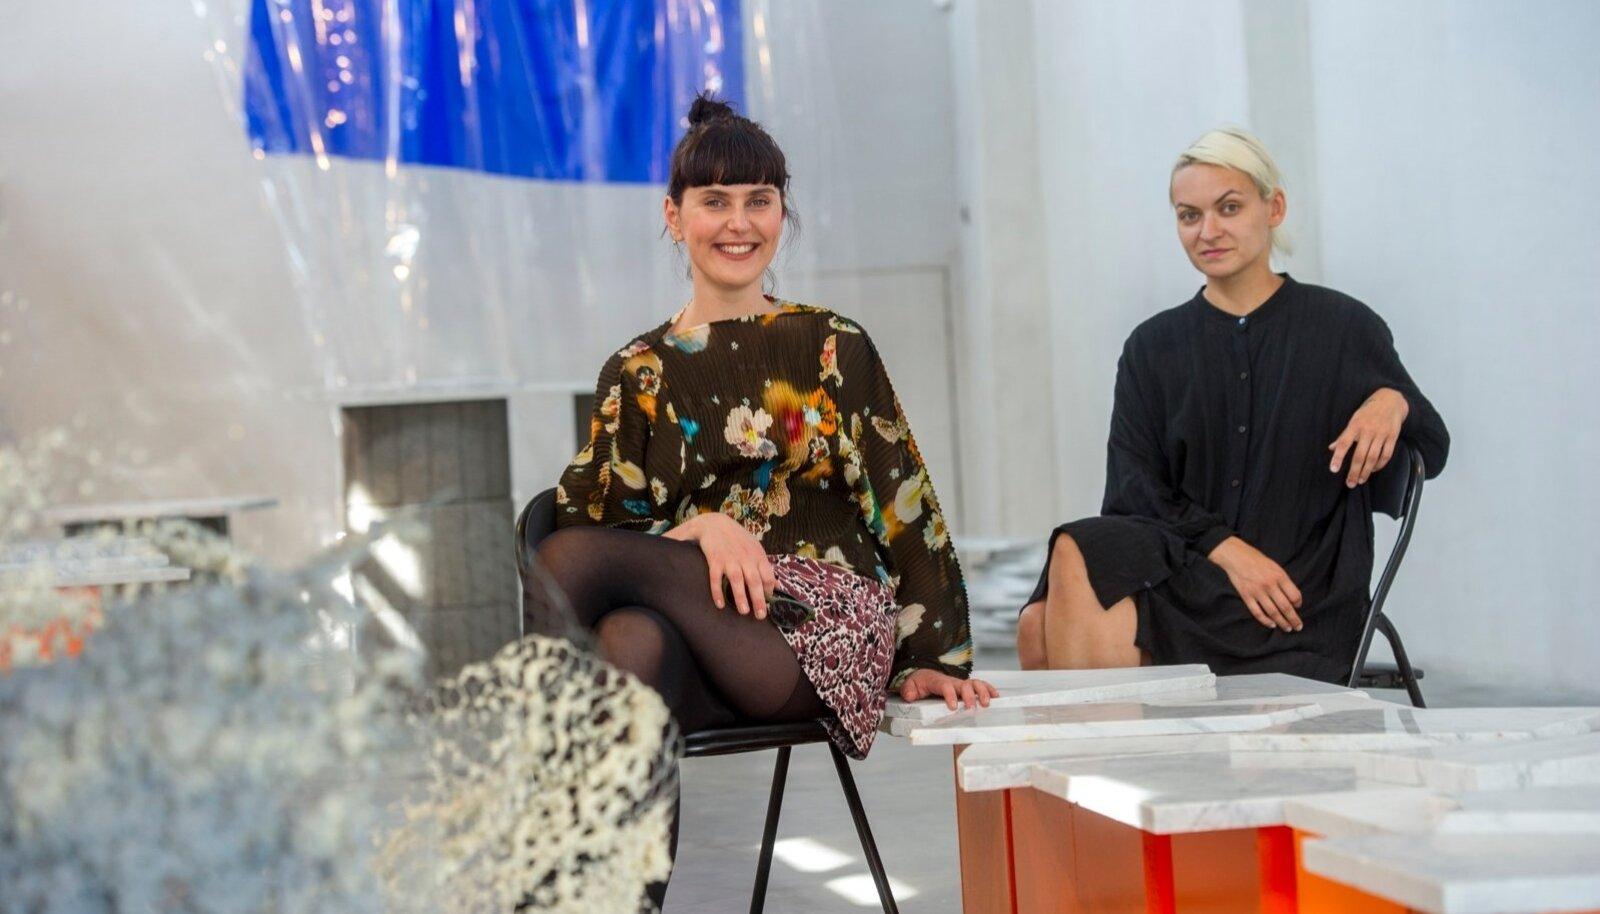 BAKERMANID GALERIIS: (vasakult) Maria Ader ja Helis Heiter.